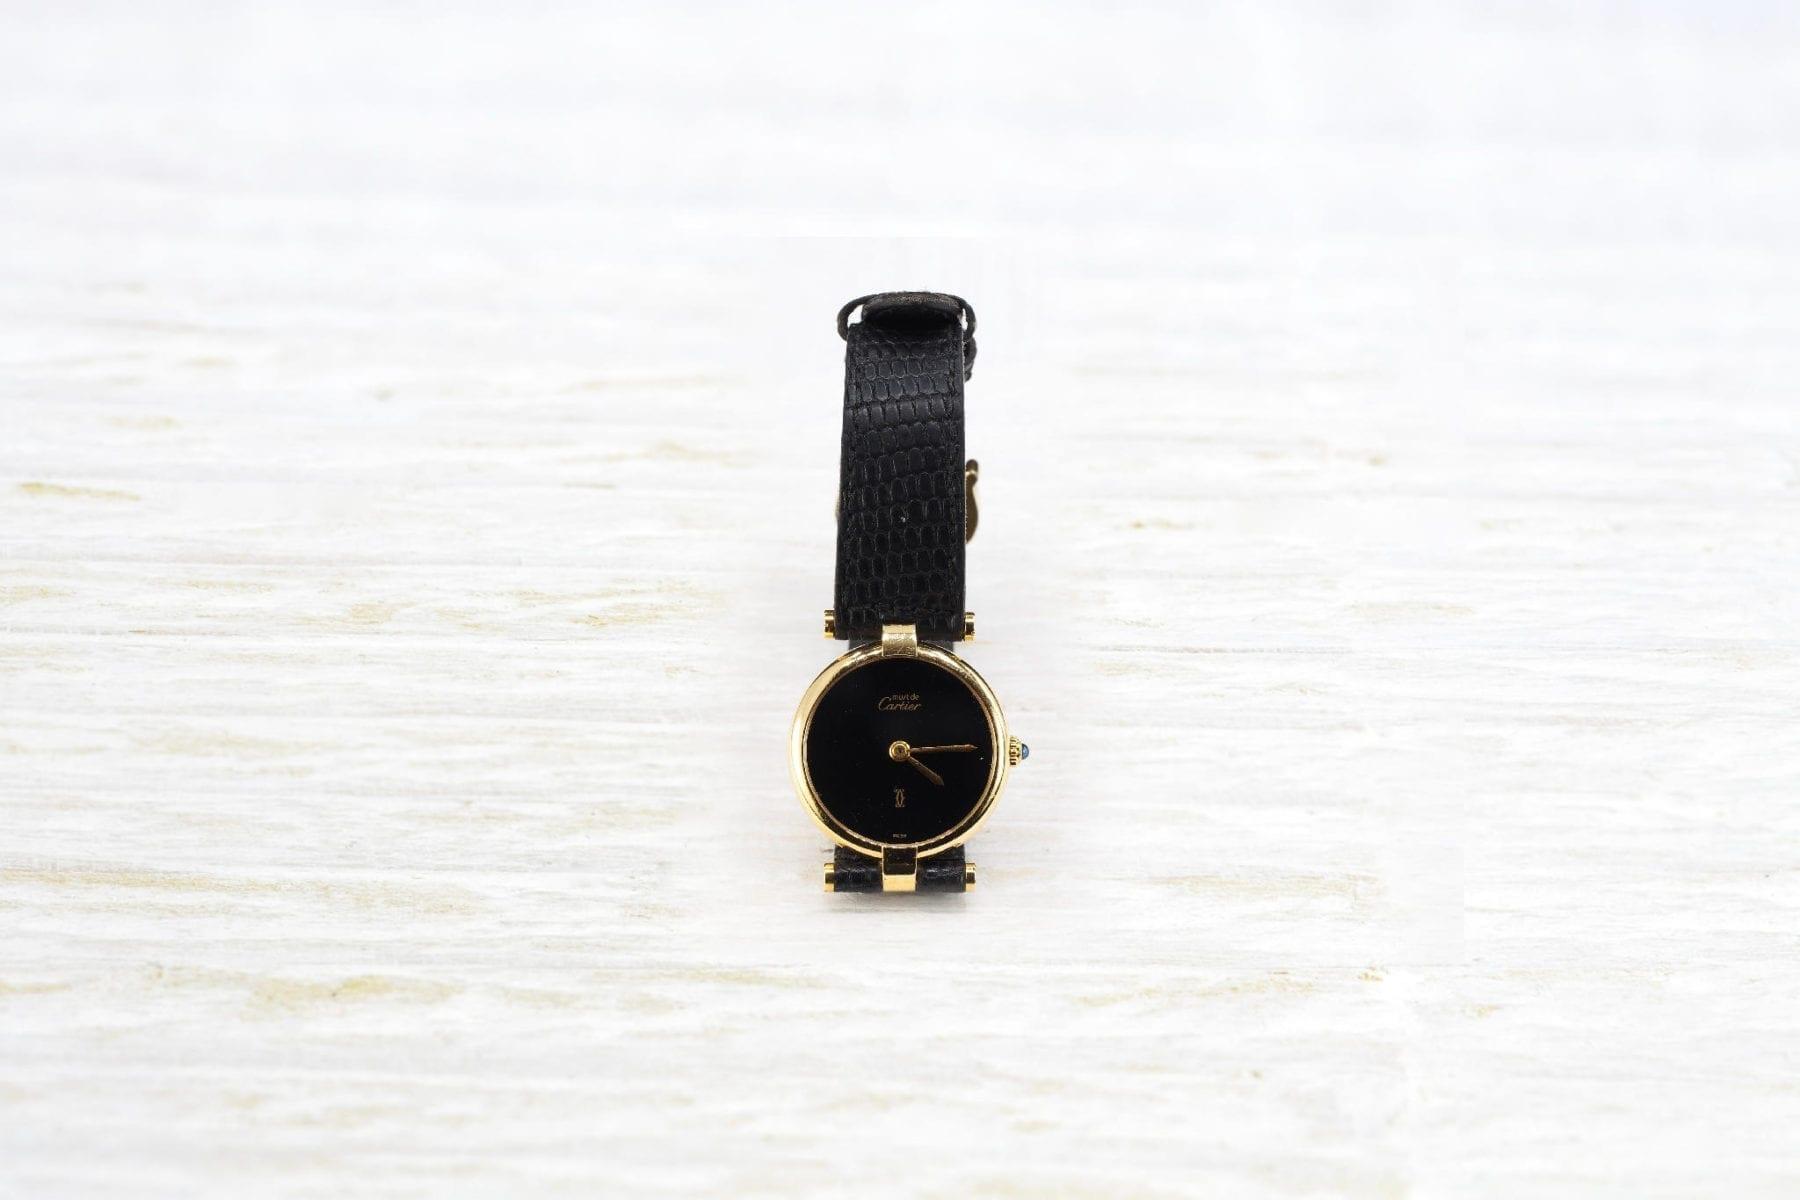 Montre Cartier modèle Vendôme